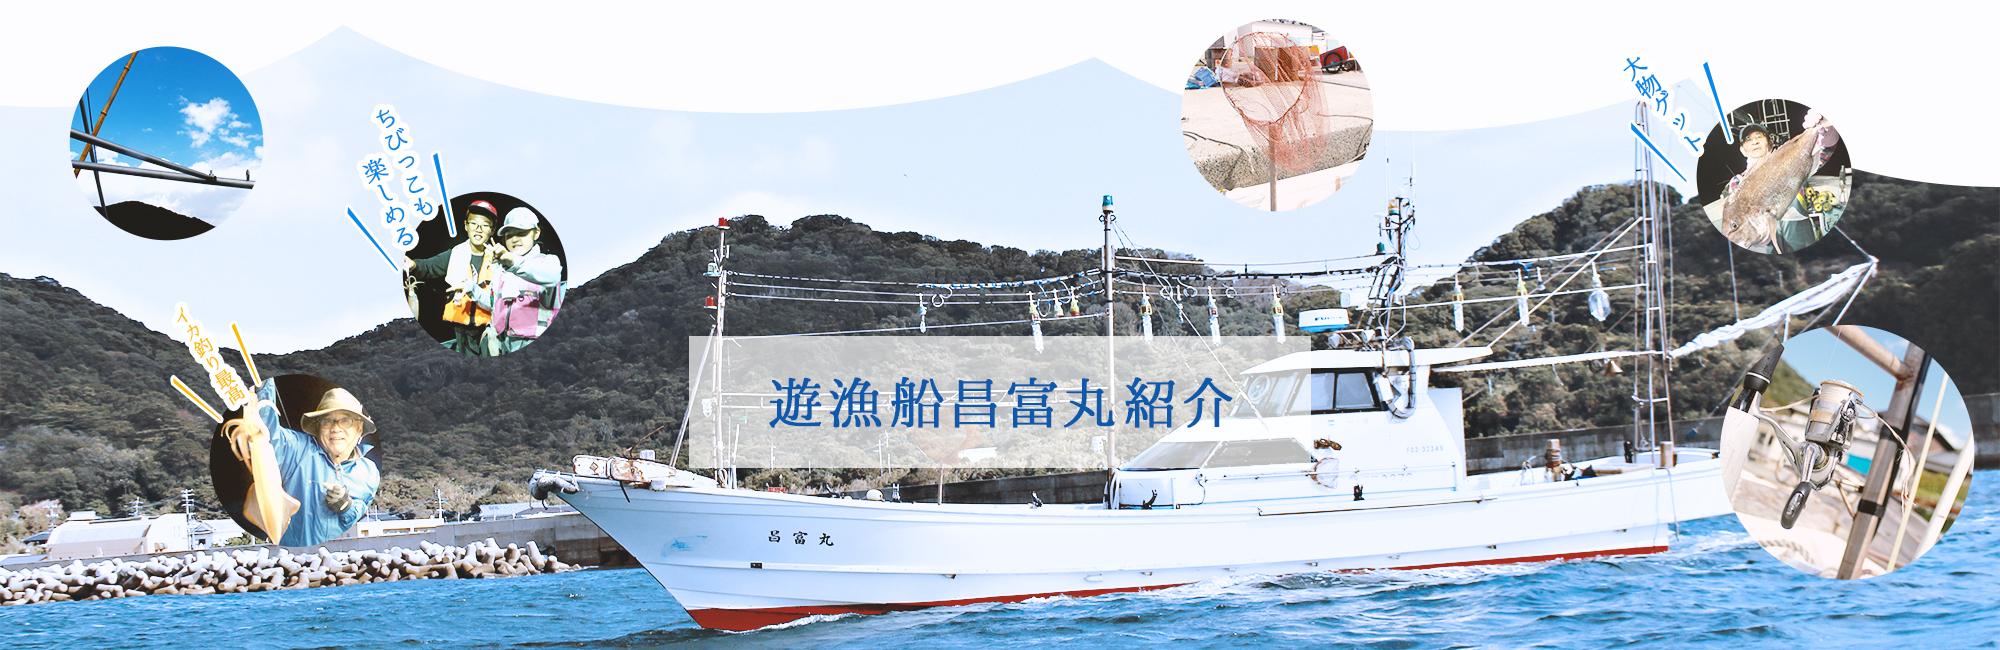 遊漁船昌富丸紹介